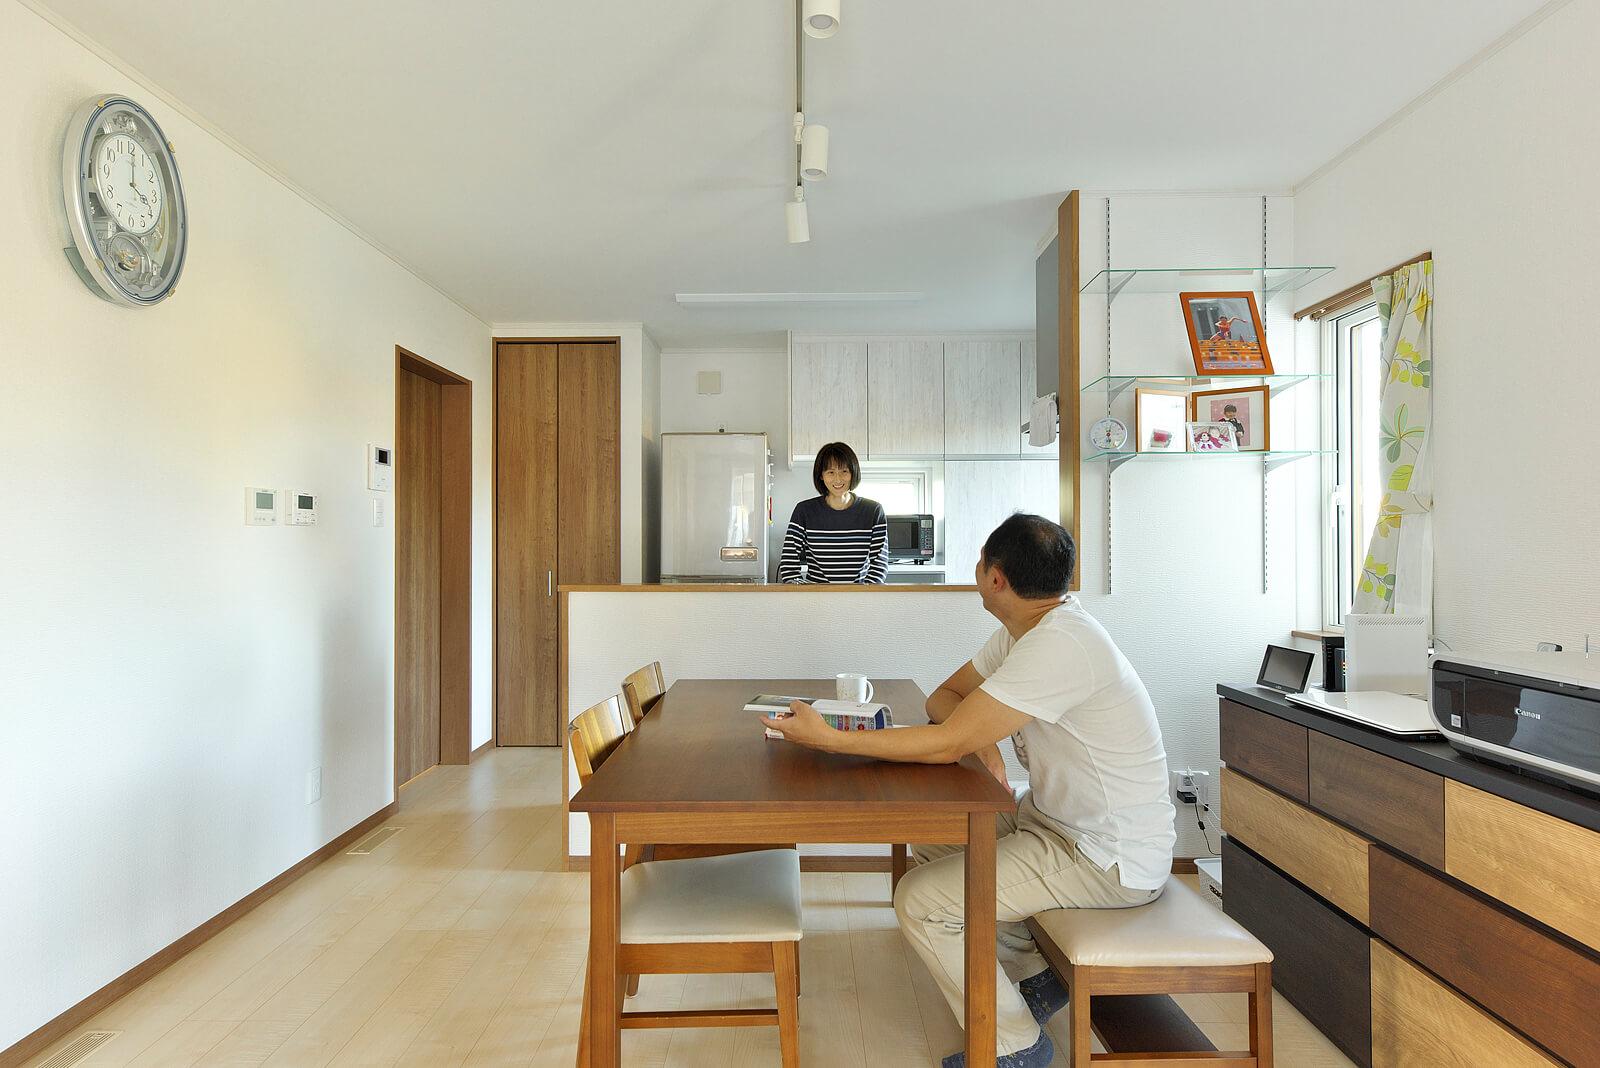 カウンター式キッチン越しに家族の会話がはずむ。奥の食器棚も同社の標準装備